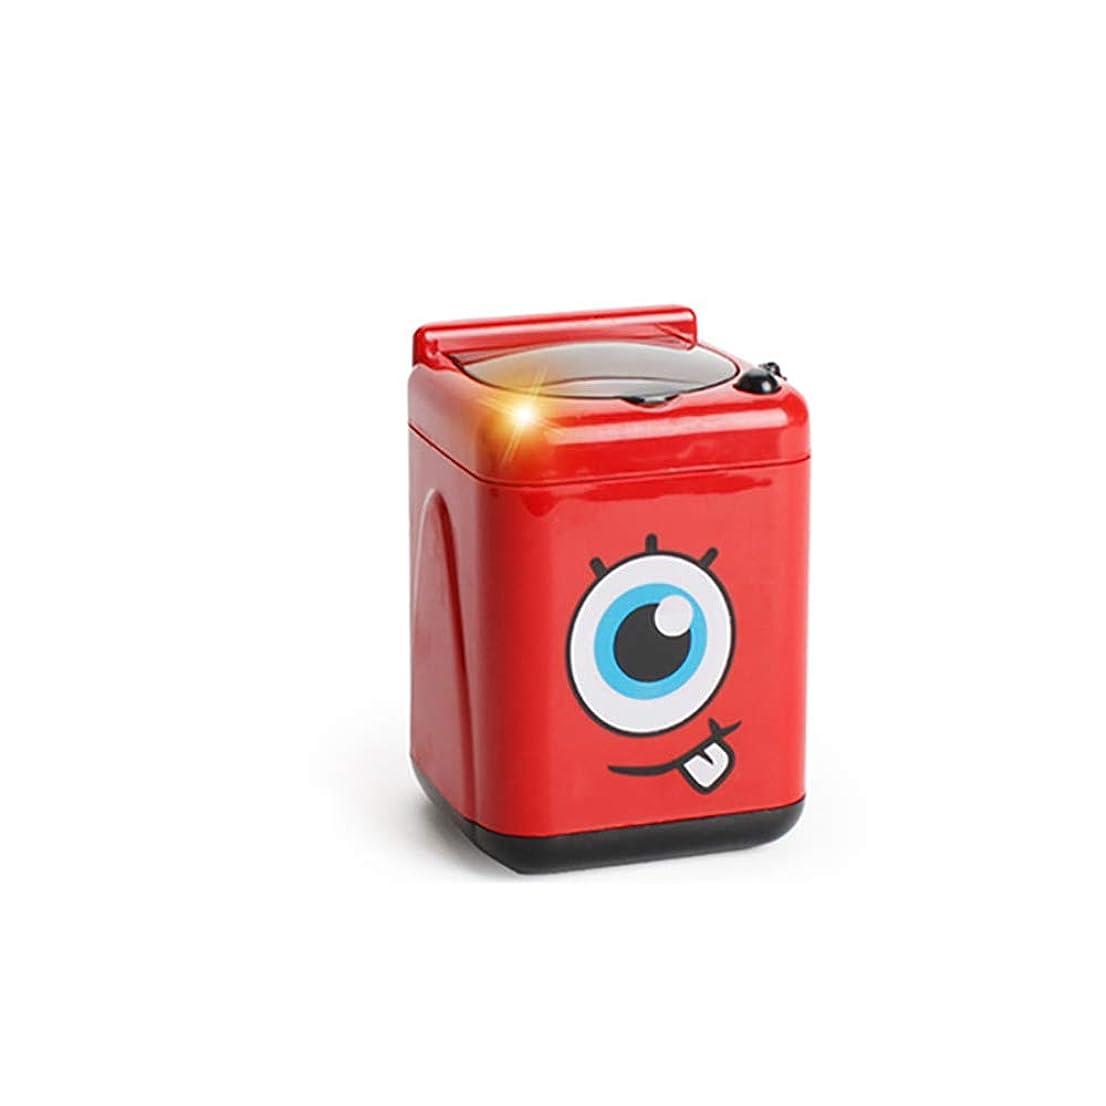 サバント冗談で漂流メイクアップブラシ洗浄機ミニ自動メイクアップブラシクリーナー装置メイクアップブラシを清潔に保ちます